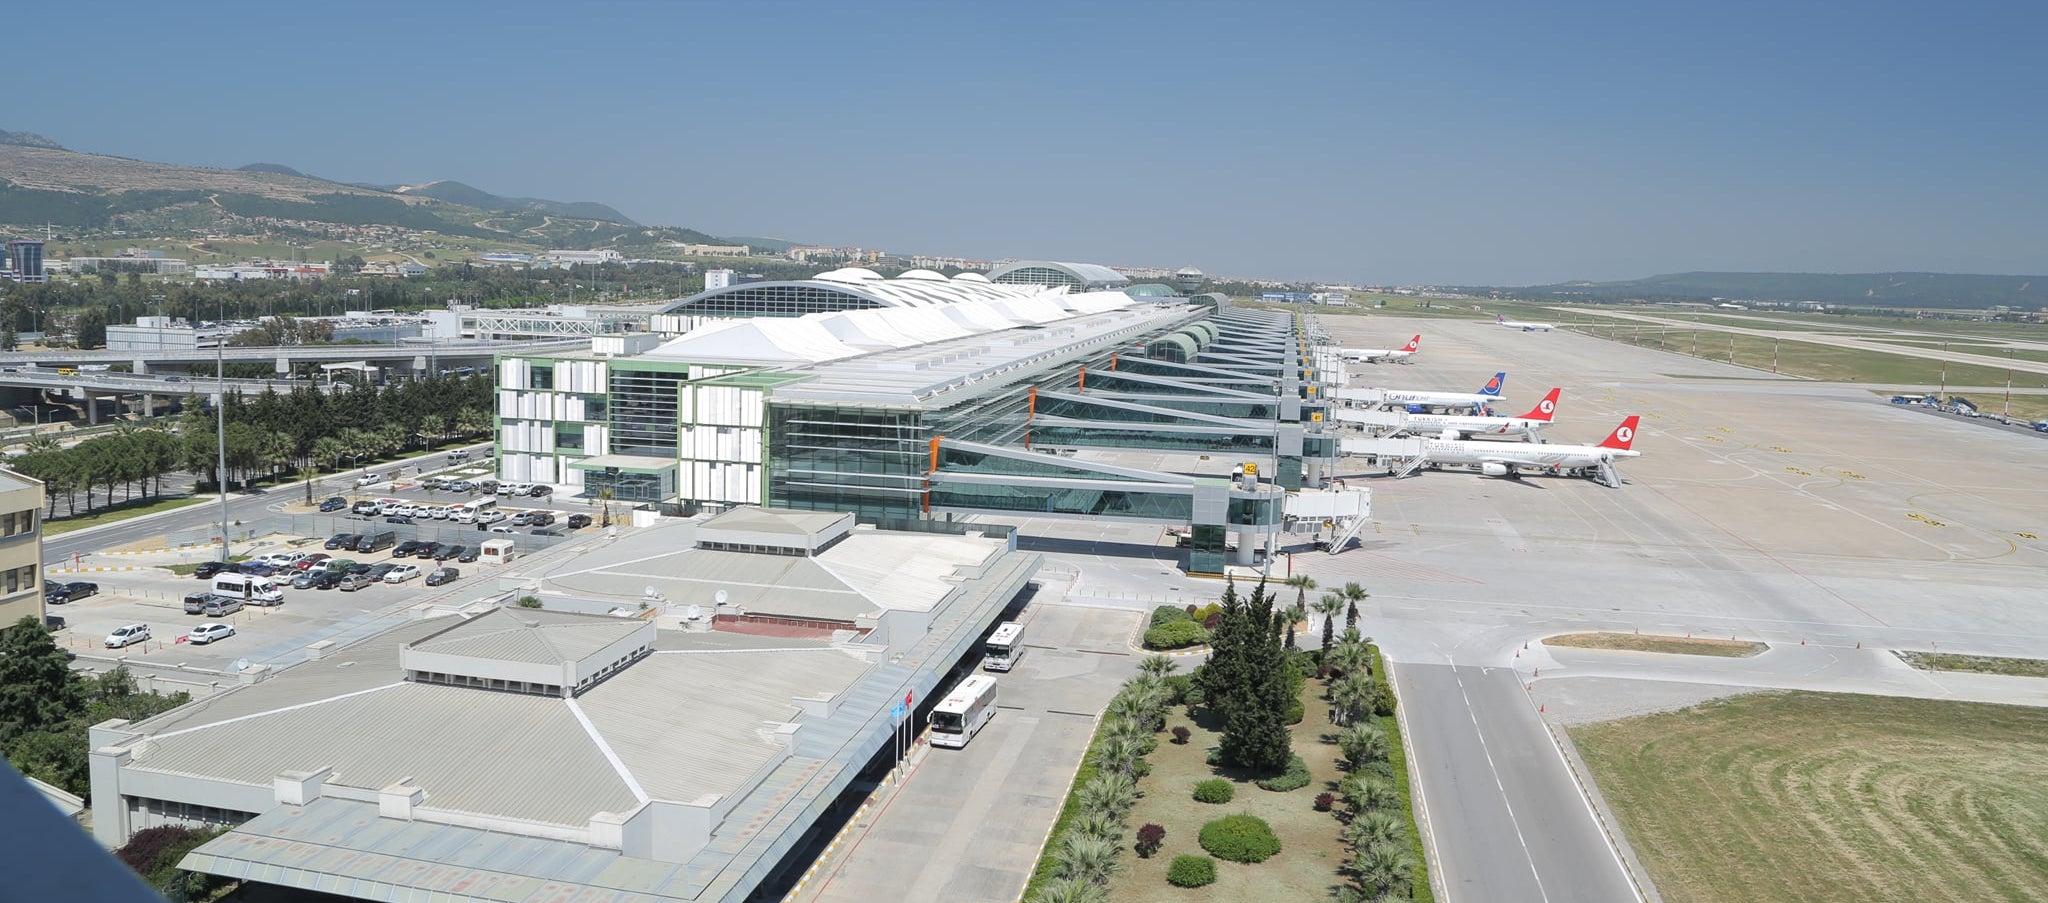 土耳其 伊兹密尔机场